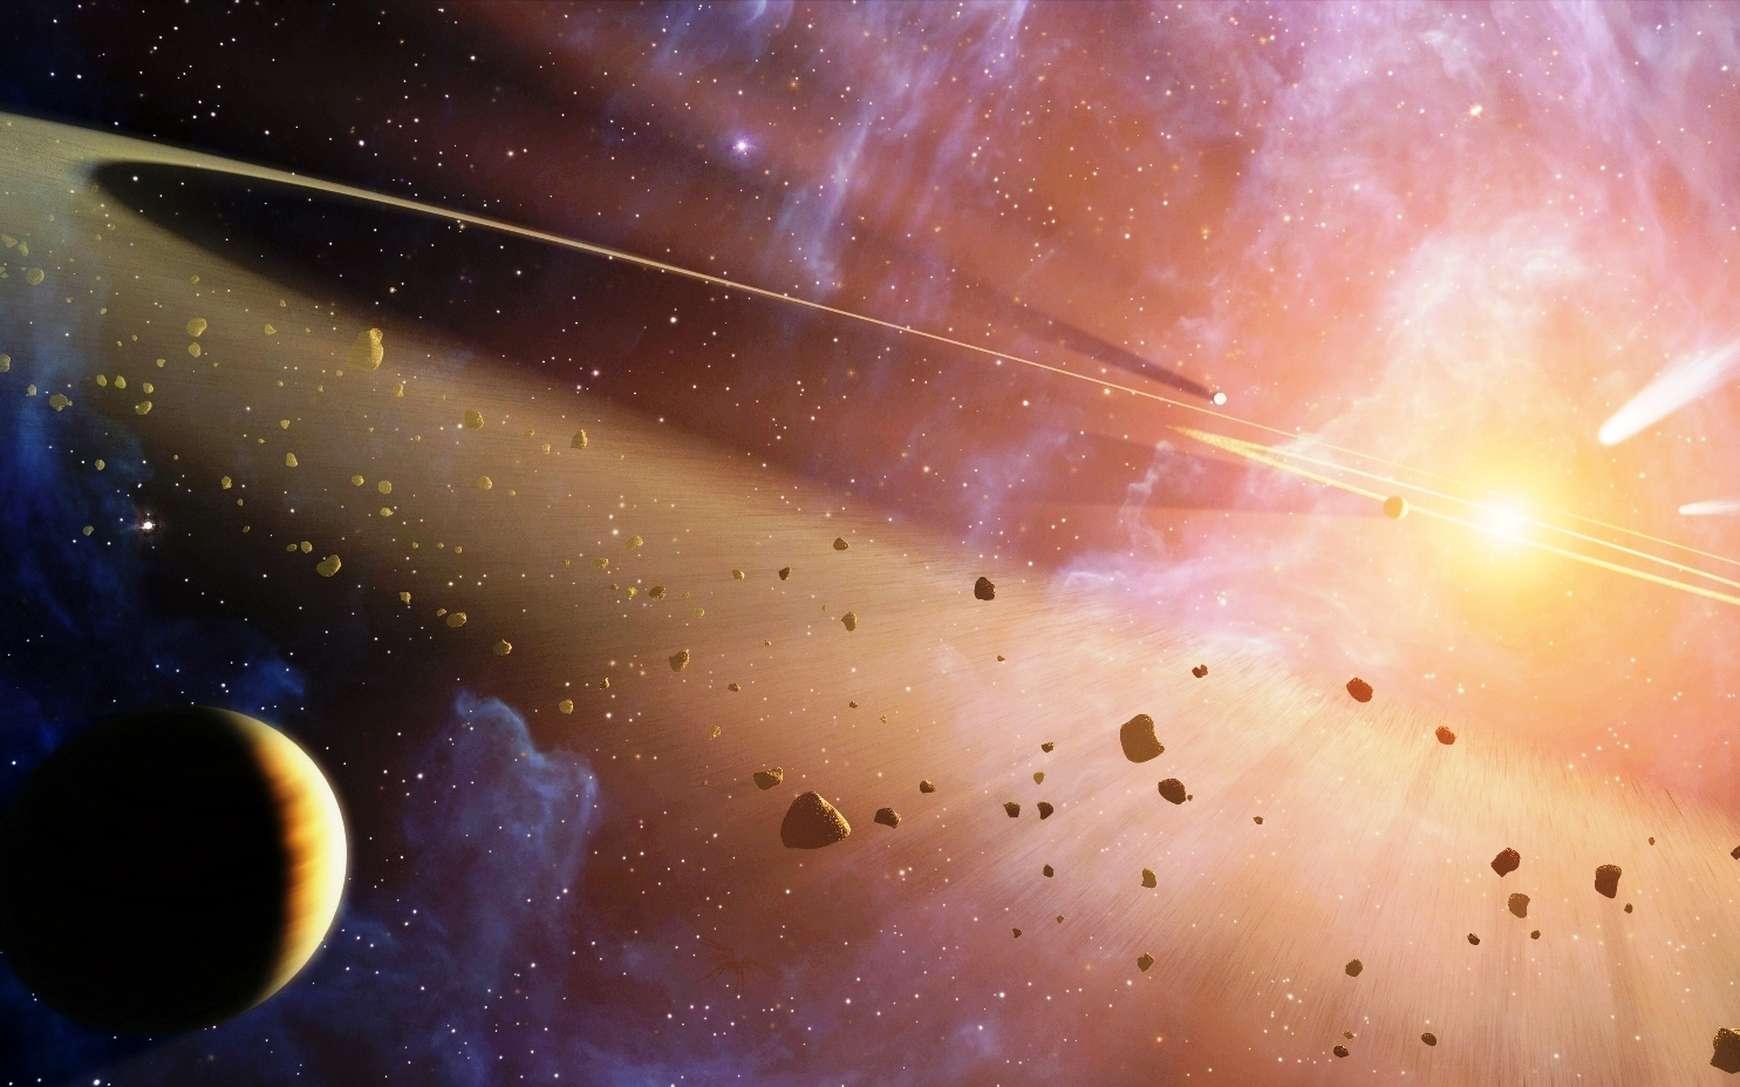 Une vue d'artiste de la naissance d'un système planétaire. © Nasa, JPL-Caltech